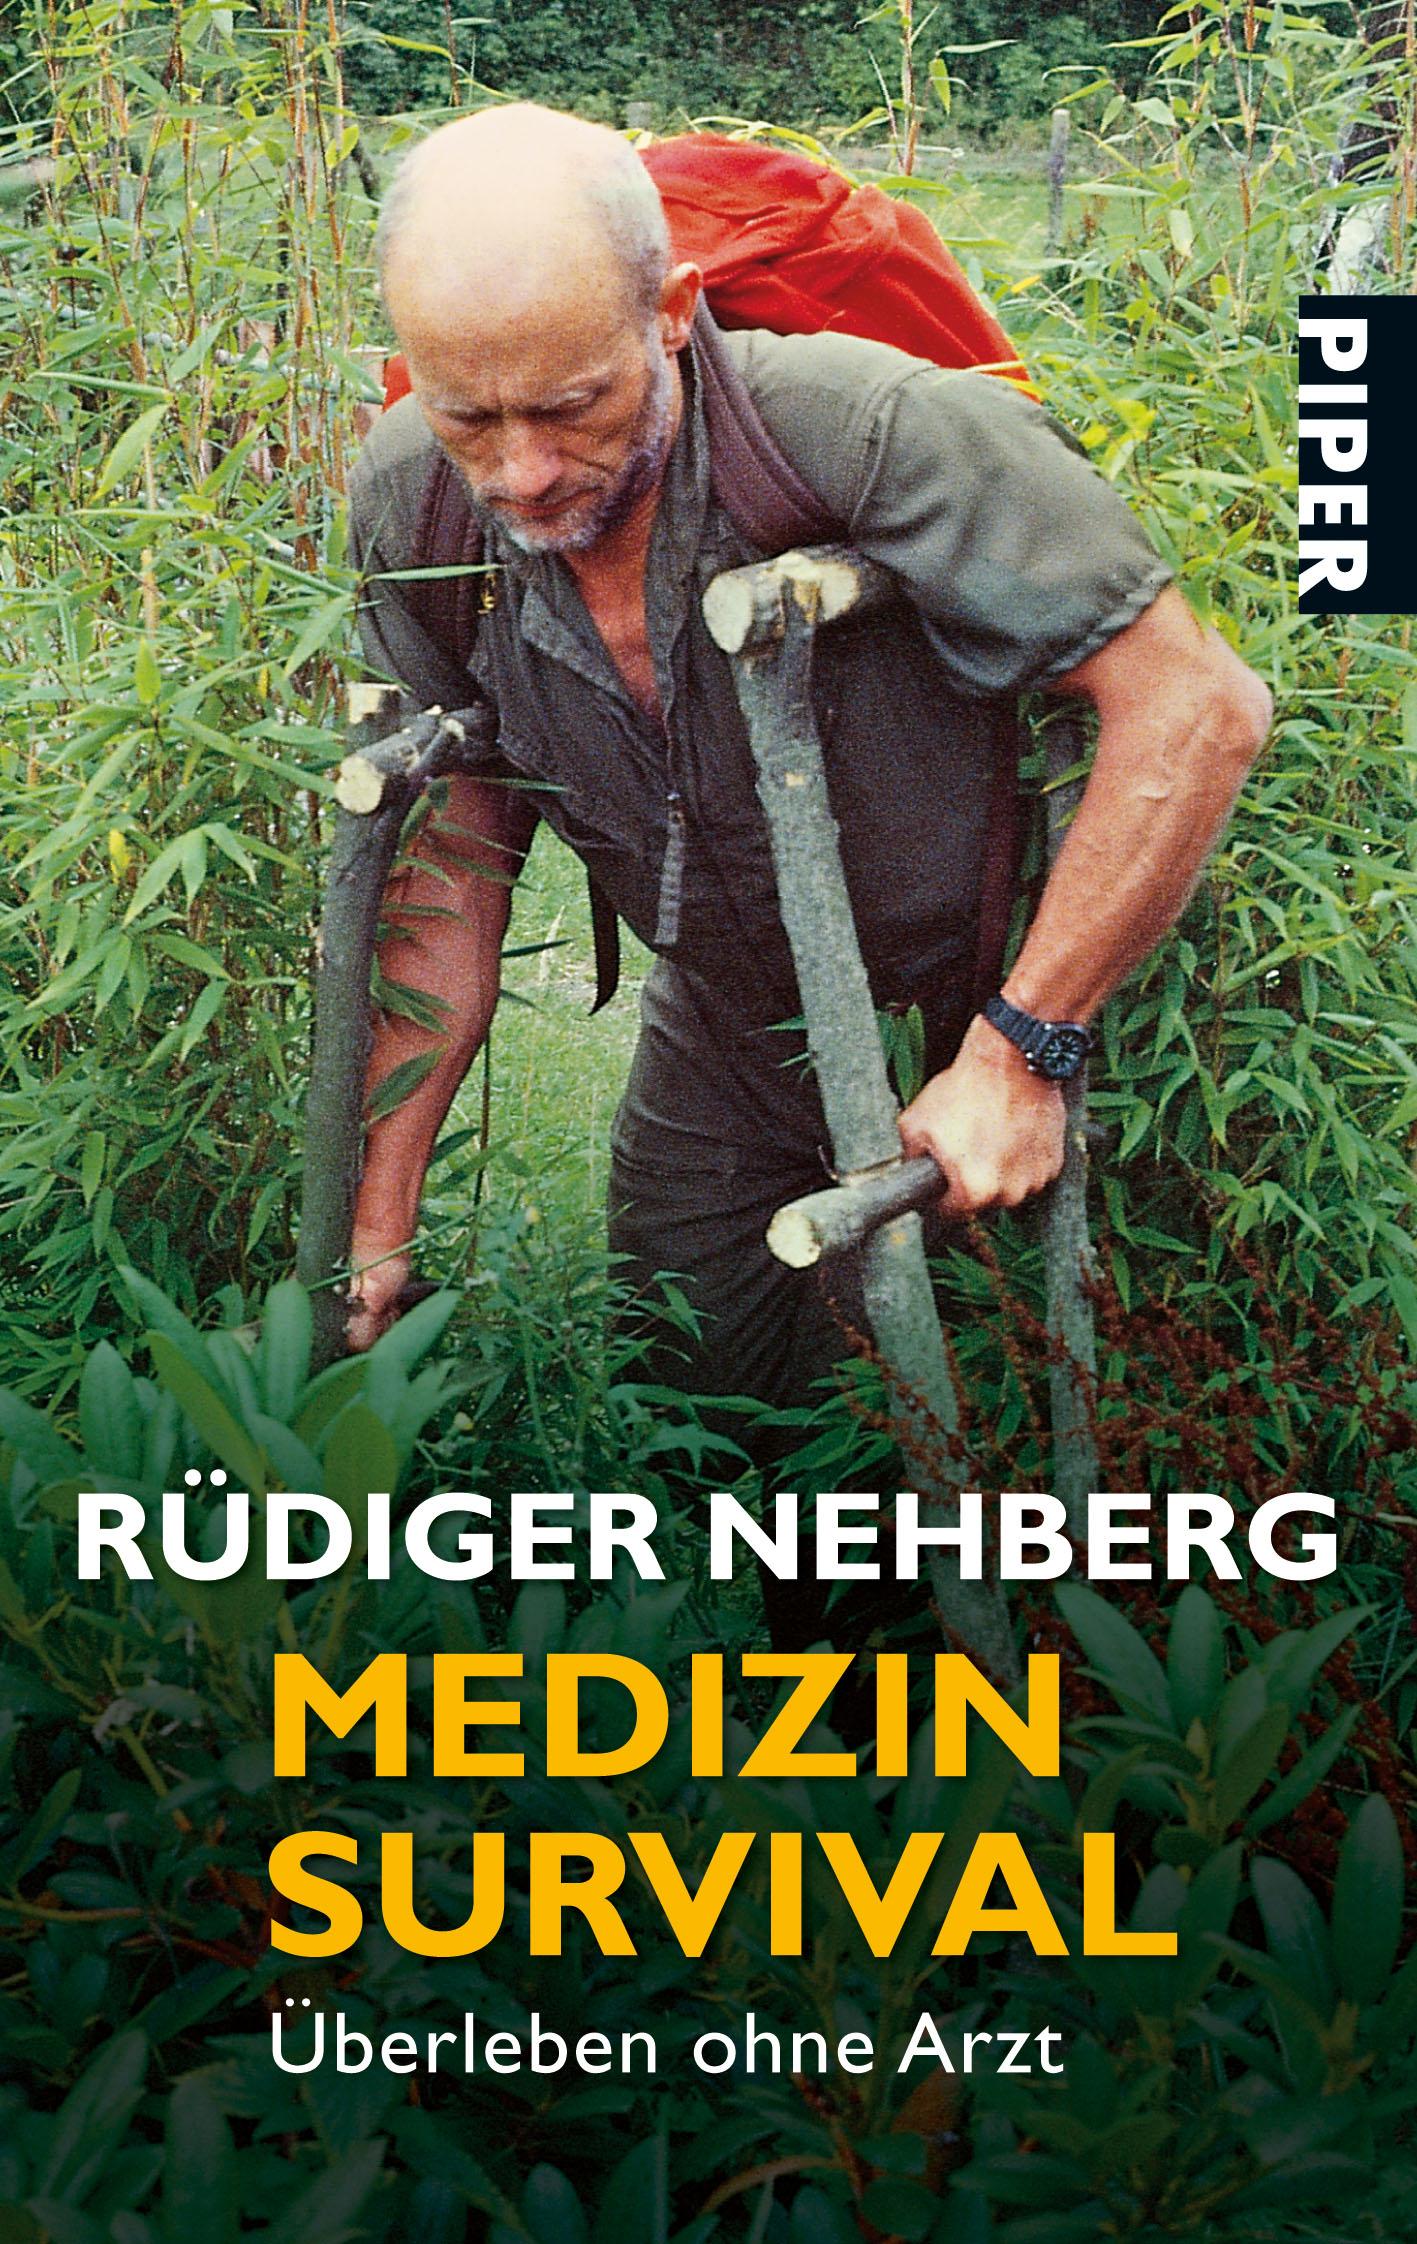 Medizin- Survival: Überleben ohne Arzt - Rüdiger Nehberg